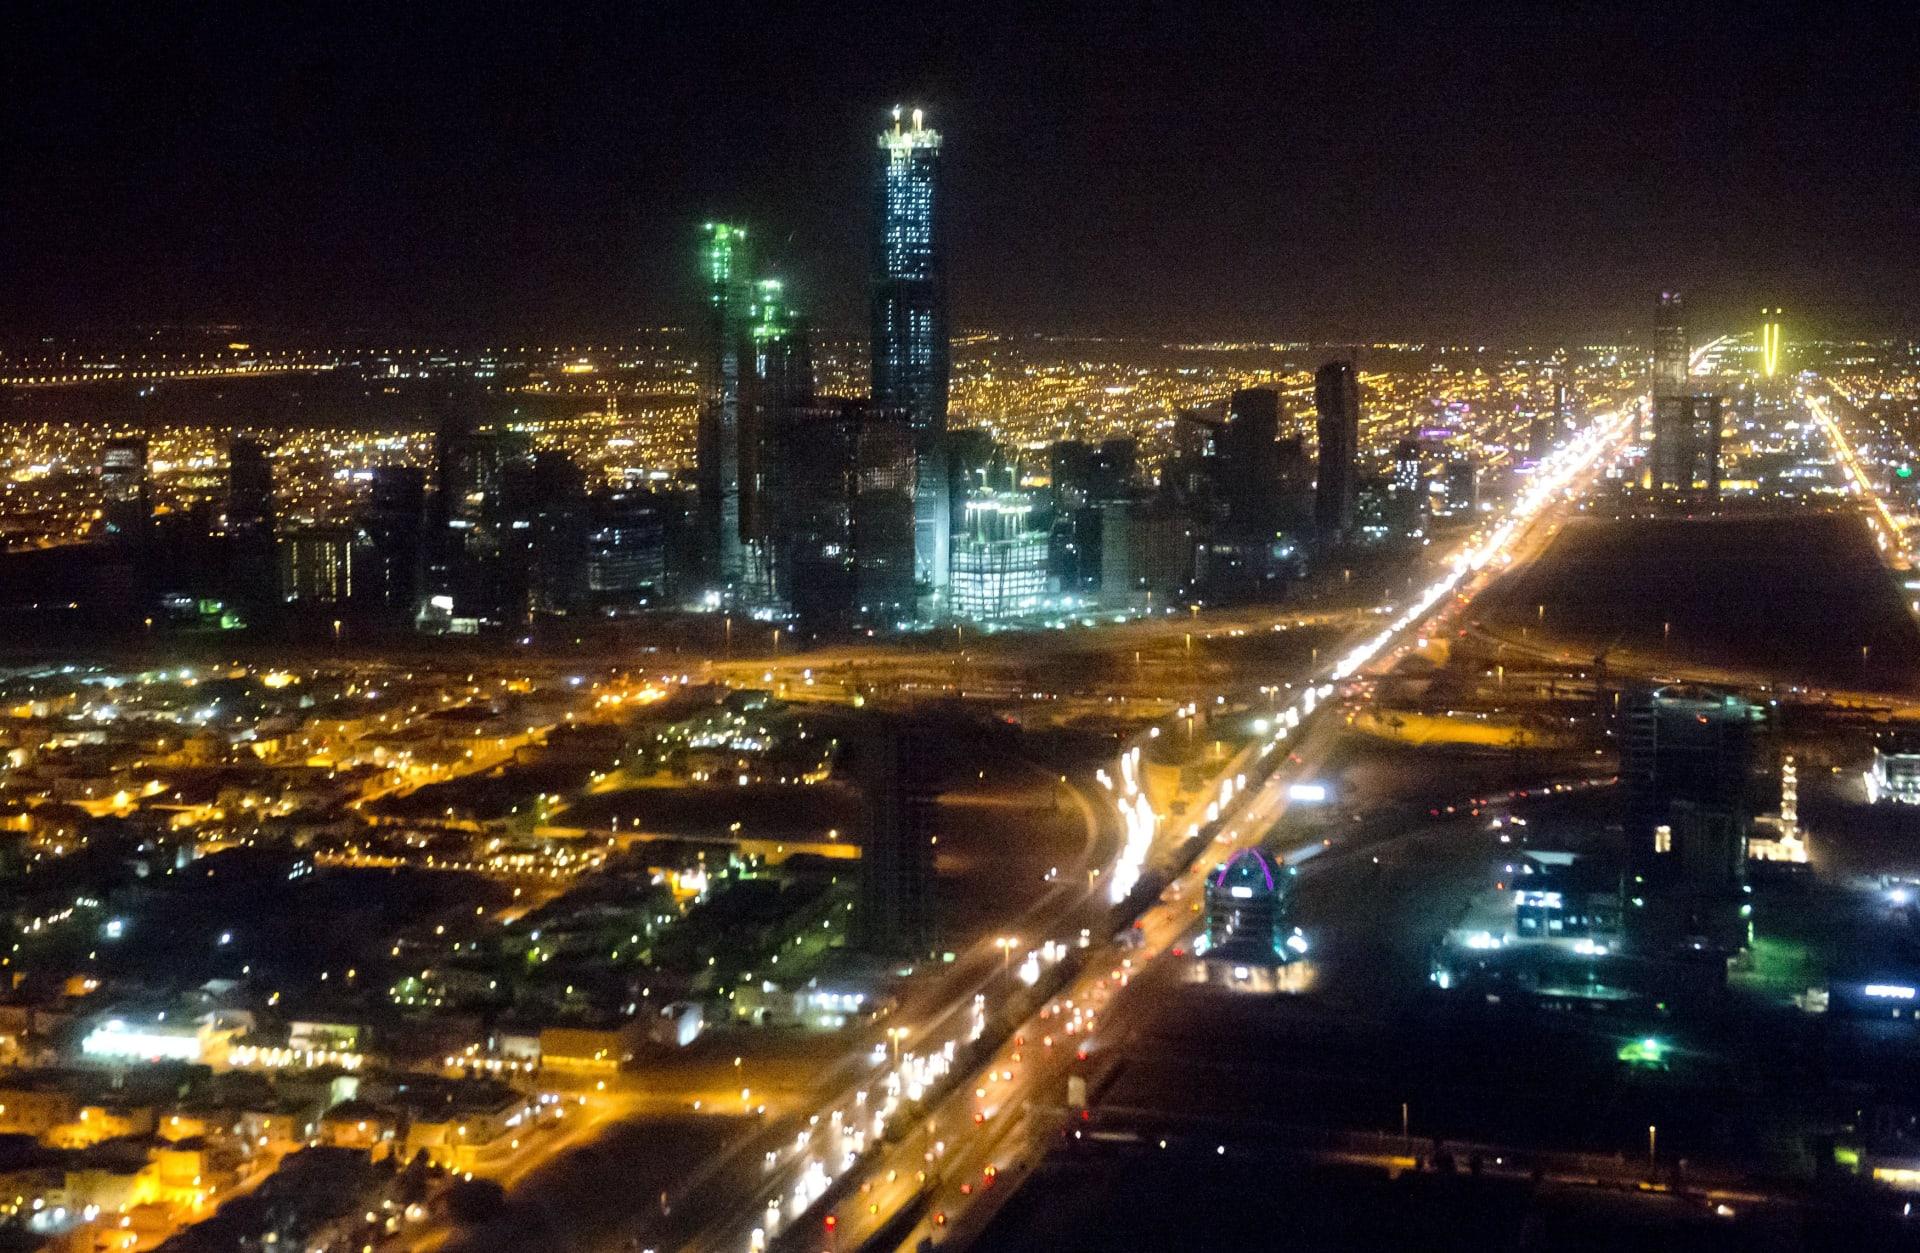 السعودية.. أسعار العقارات تتراجع بـ10% في الربع الأول مقارنة بـ2016